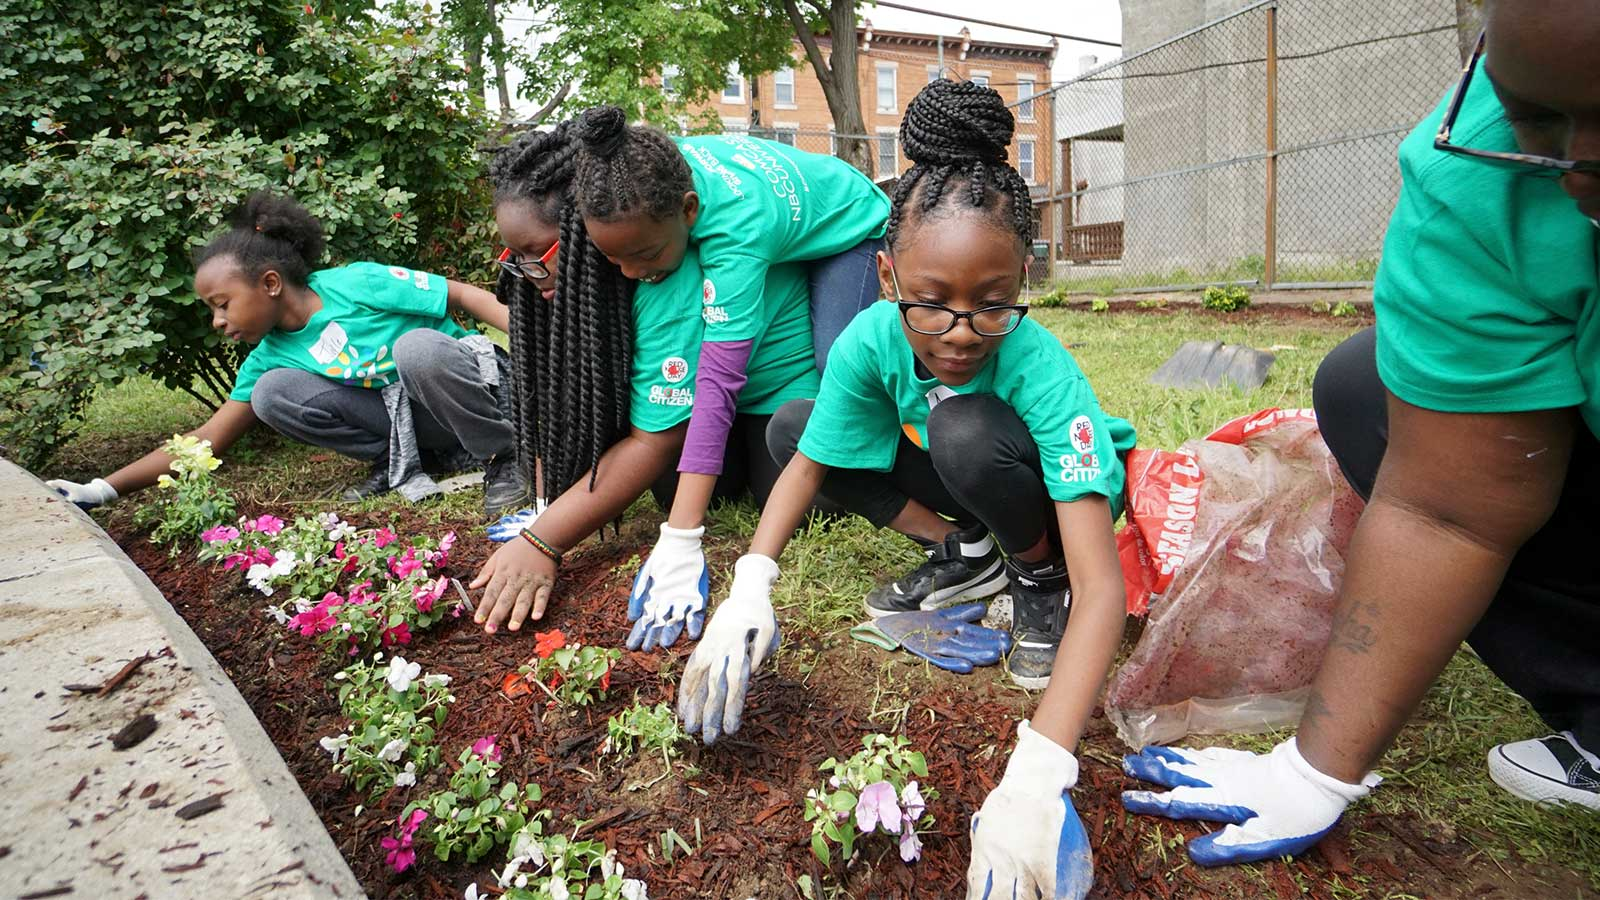 Comcast Cares Day volunteers gardening